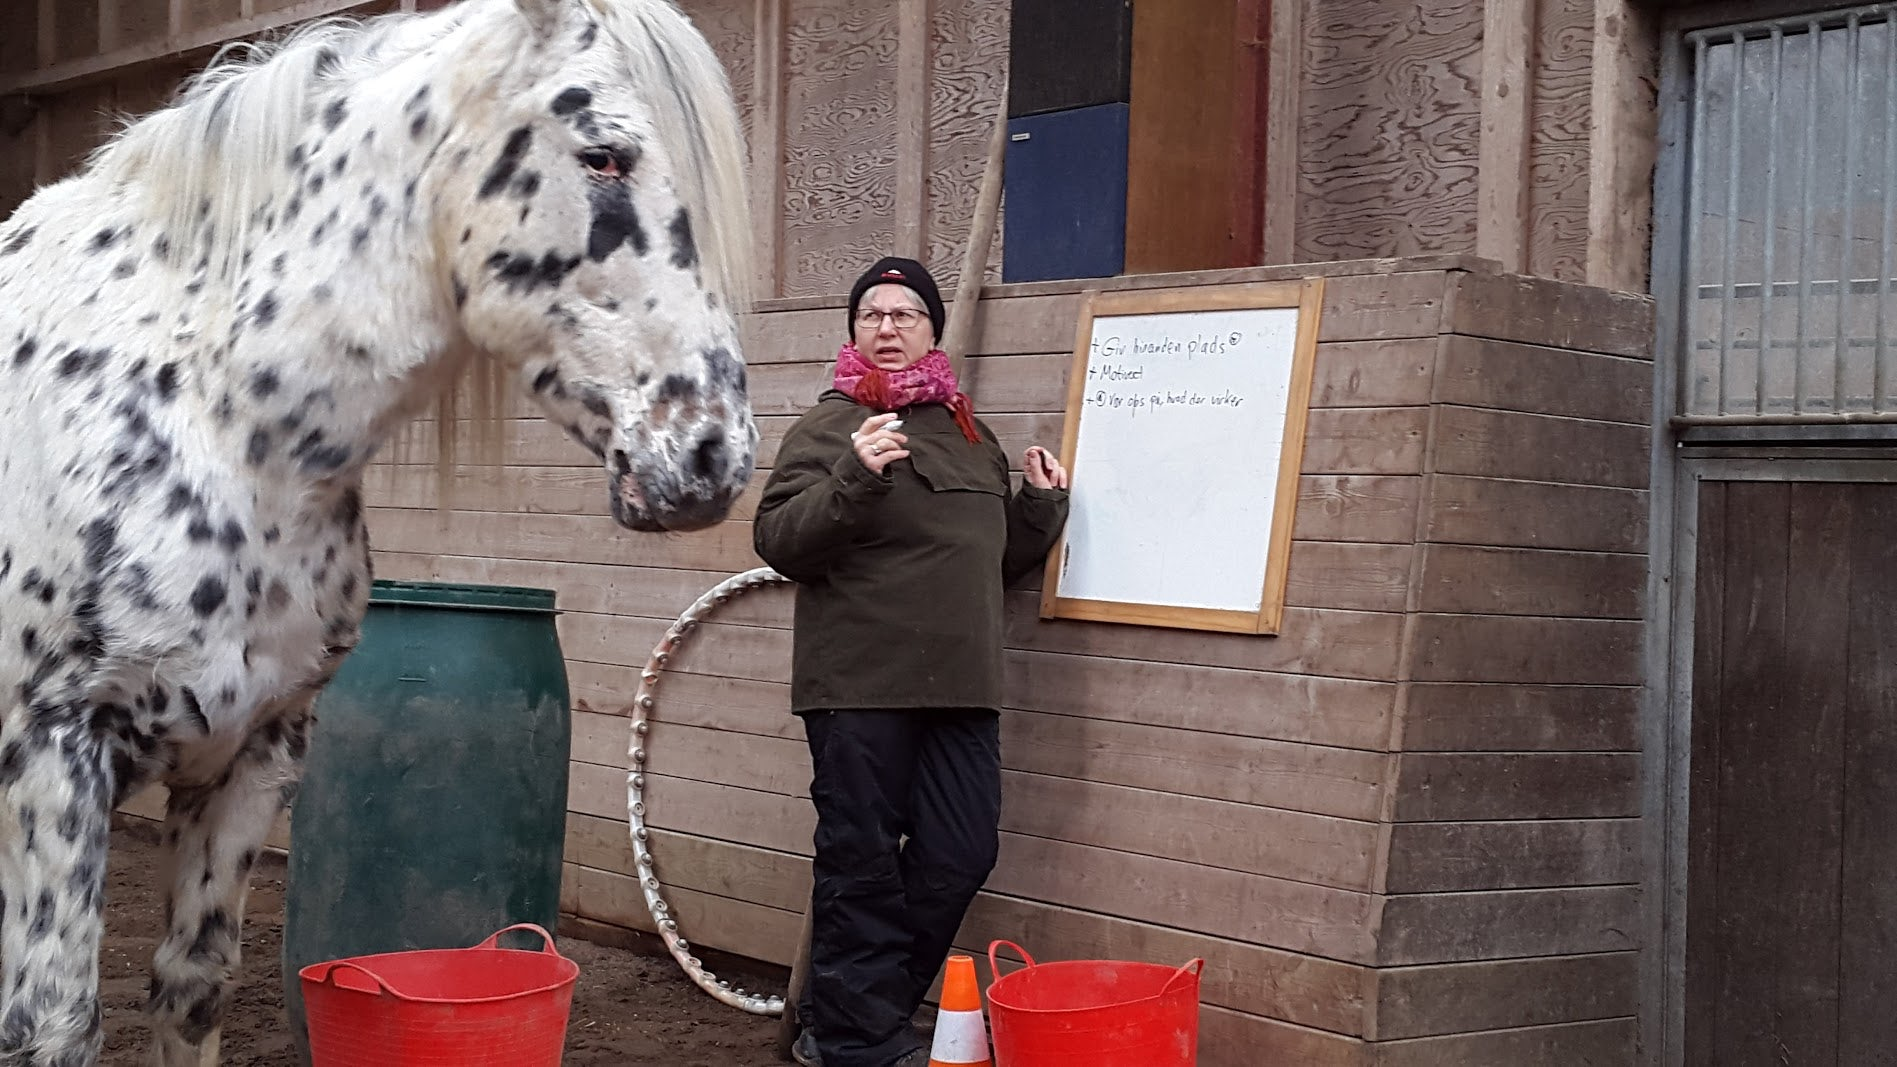 """""""I situation med hestene, oplevede jeg at kunne arbejde med hesten gav forskellig respons ud fra min egen grad af selvtillid. Jo mere klar og tydelig og fast jeg var i min kropsholdning, jo bedre respons med hesten. Jo mere jeg samtidig kunne læse hesten grænse, jo bedre respons."""" Hun fortsætter: """"Et værdifulde redskab i personlig udvikling gennem arbejdet med hestene Som """"biprodukt"""" af kursuset har jeg fået knækket min opadgående vægtkurve. Min afhægighed at mad er stort set normaliseret. Jeg har haft ganske få tilbagefald som hurtigt blev vendt til positiv adfærd. Endnu engang. Jeg har fået meget forskelligt med fra kursuset og det bundfalder sig lidt efter lidt."""" På spørgsmålet: . Det at træffe valg, og tage ansvar for det valg du traf, fortæl om det. Erna svarer """"Det er blevet meget tydeligt for mig, hvilke mekanismer der er i spil, hvilket gør at jeg er øver mig mere og mere i at holde fast og mærke efter i hvilke er mine valg og hvornår mine valg er funderet på min forventning om at andre vil have mig til at træffe et bestemt valg""""."""